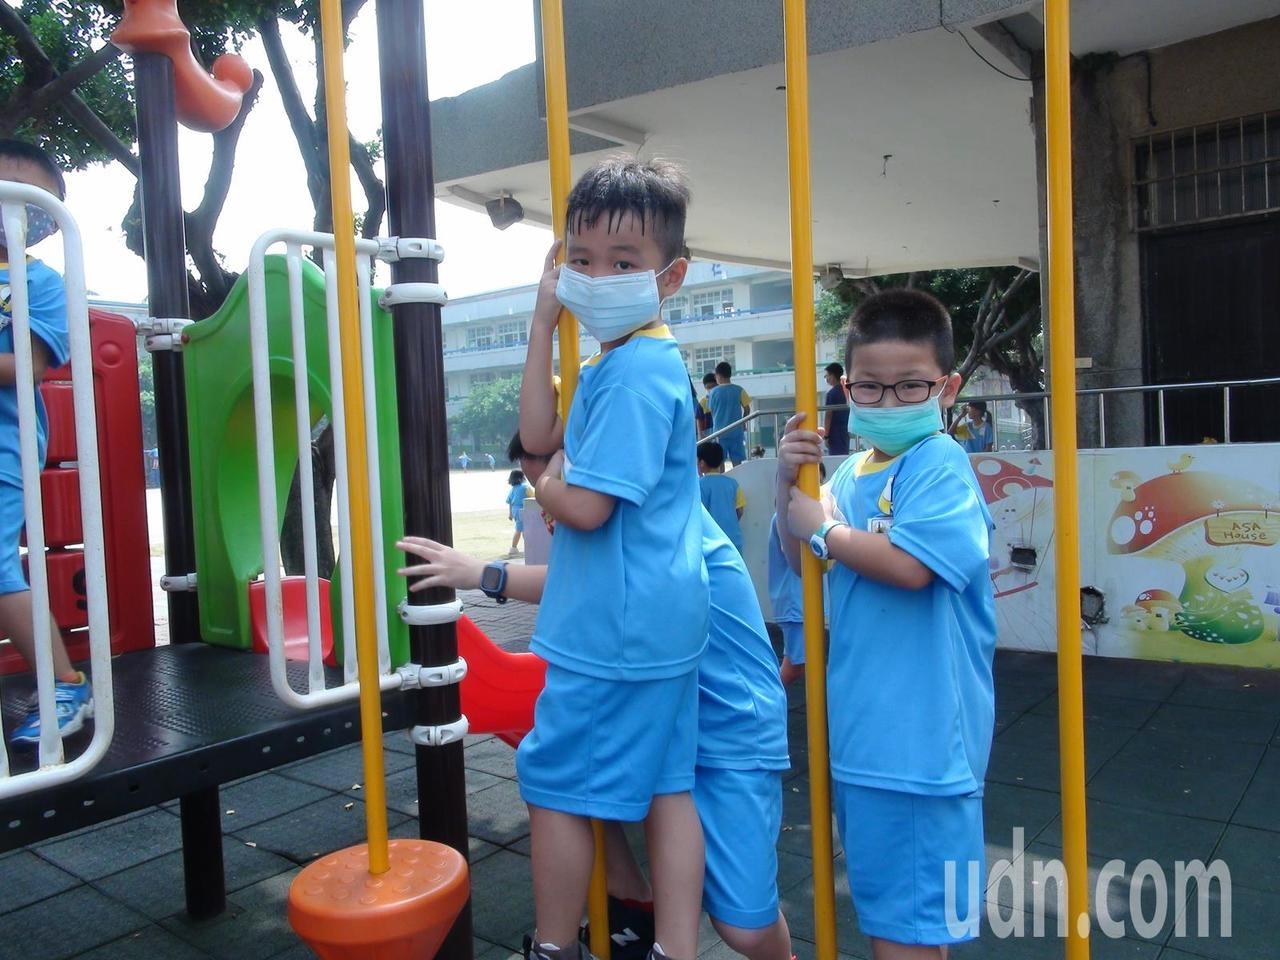 台中市今天空品差,梧棲中正國小學童下課到戶外玩紛紛戴上口罩。記者余采瀅/攝影